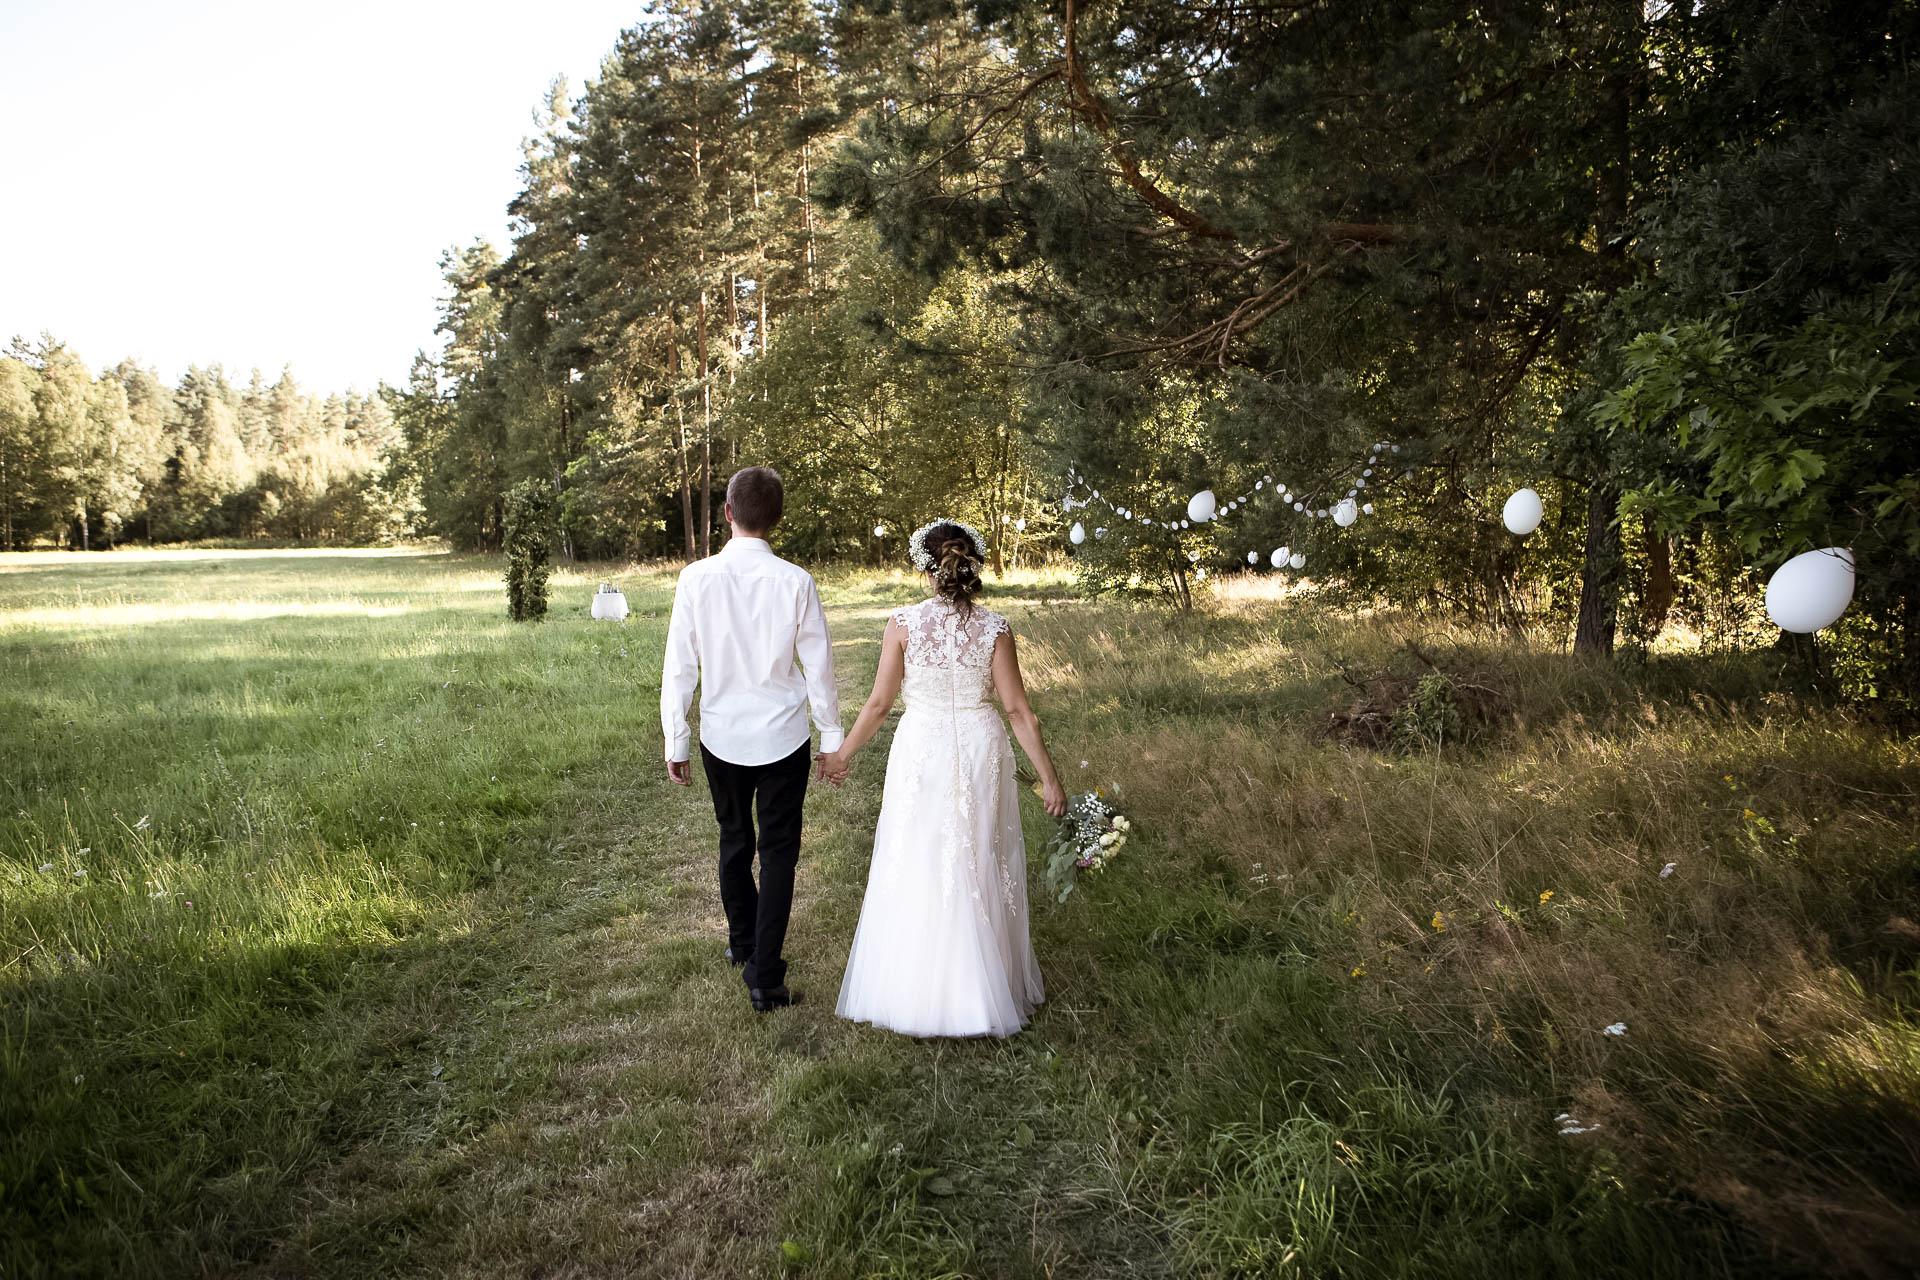 svatební fotograf boho svatba přírodní svatba-46